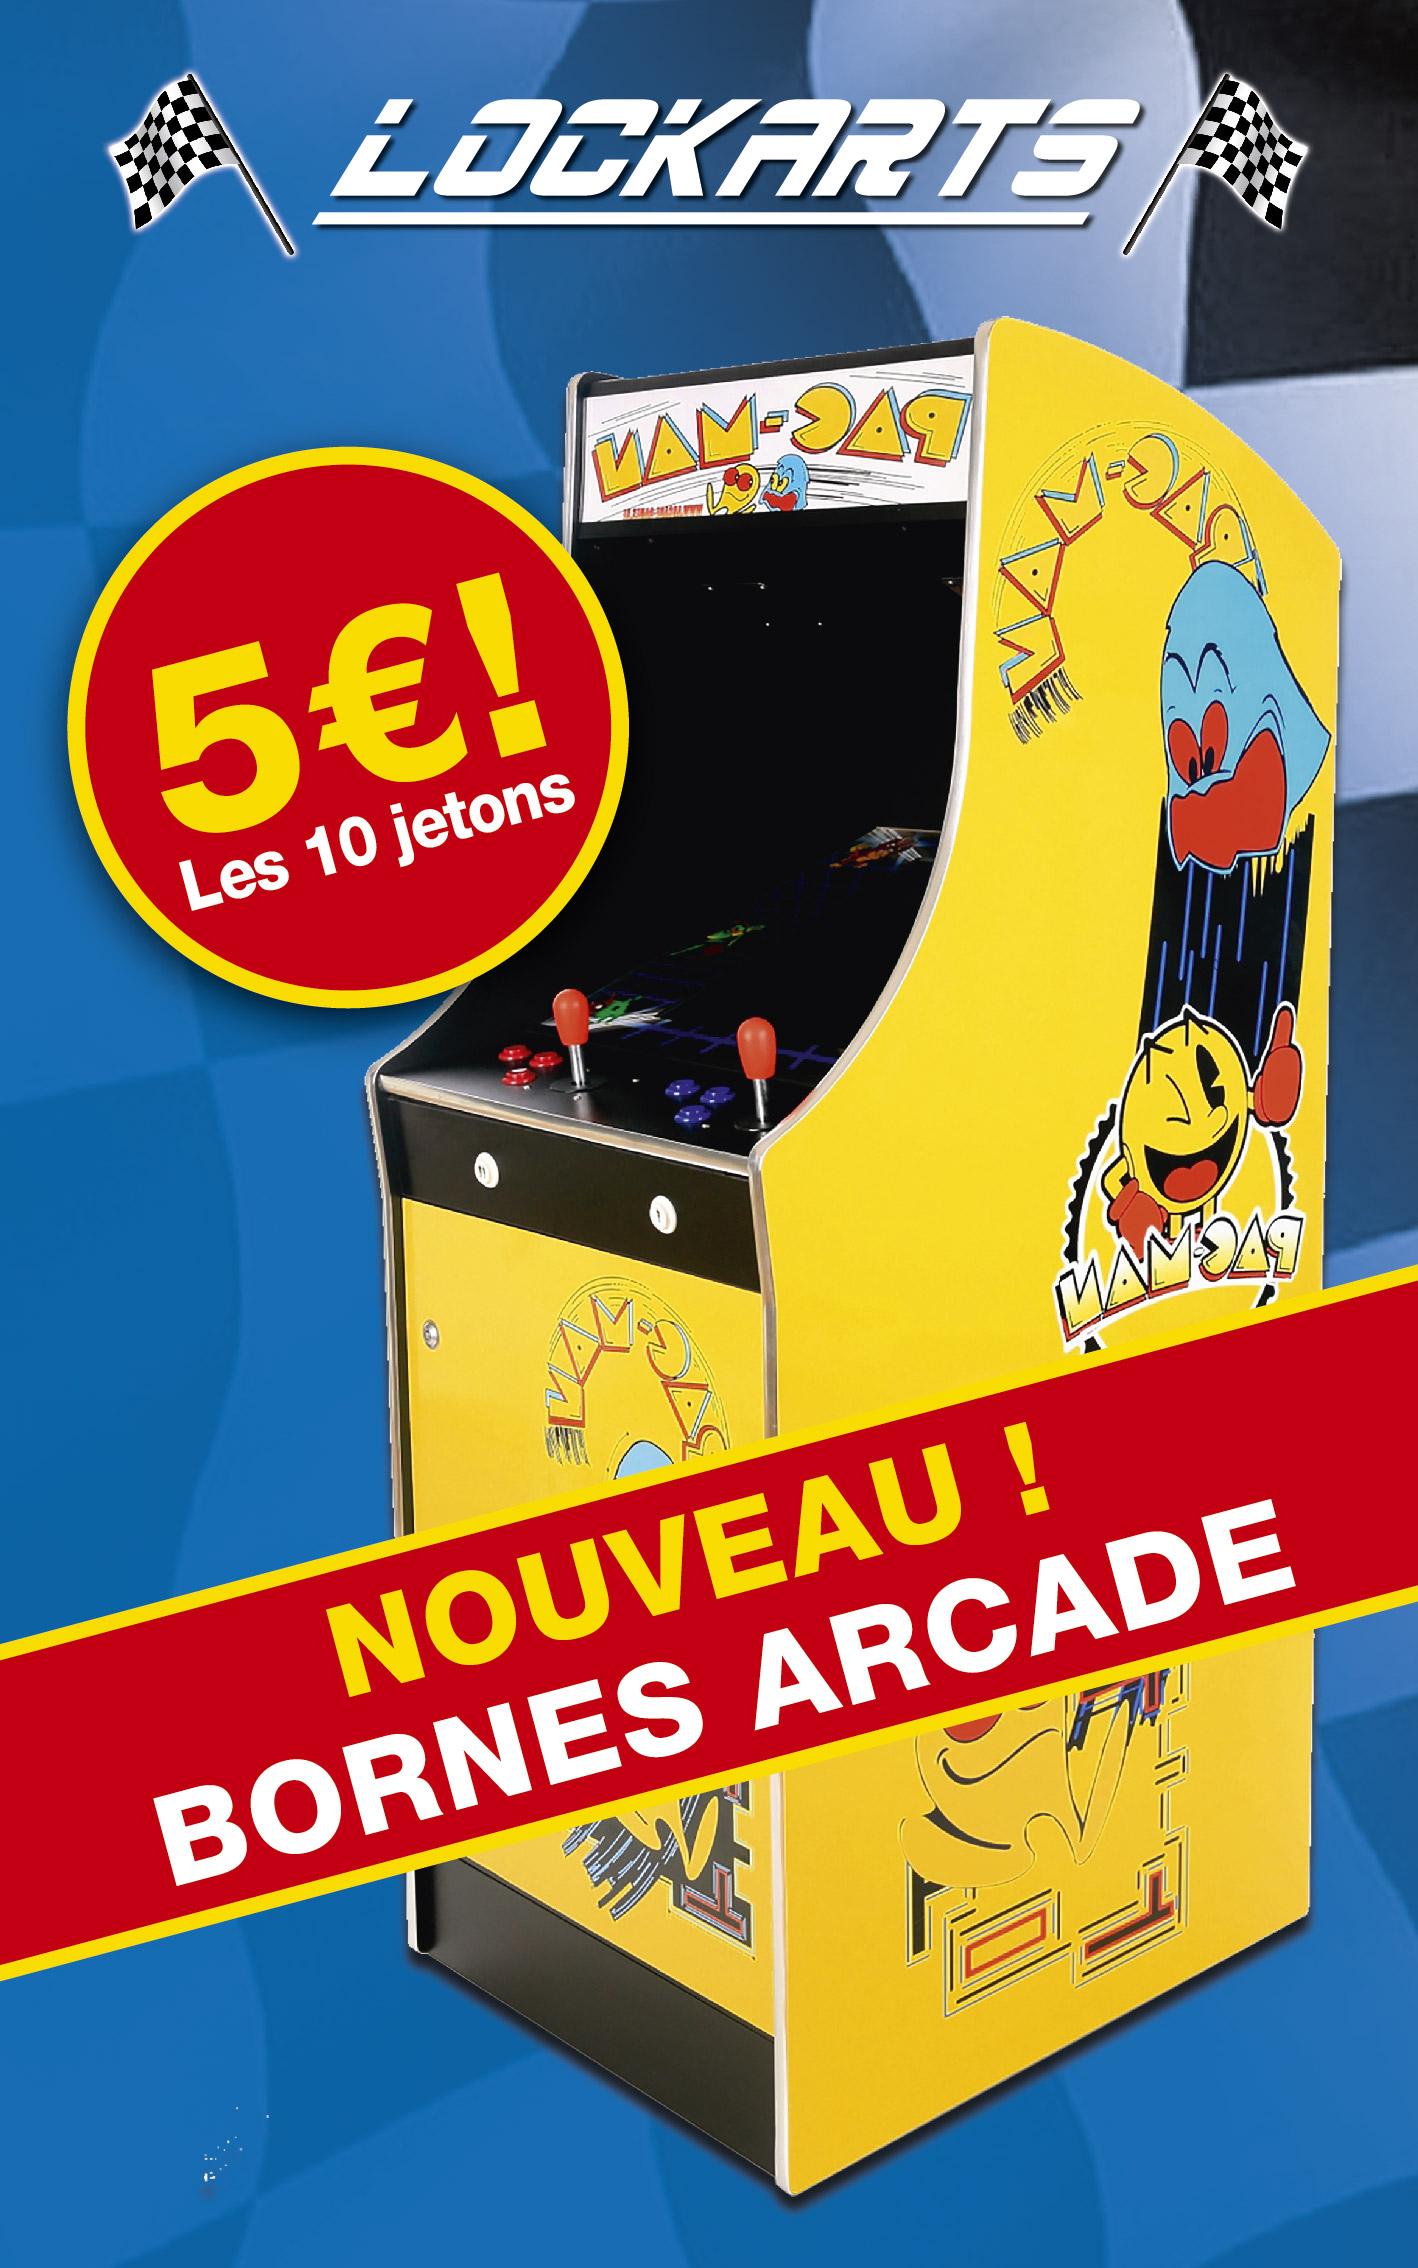 Panneau bornes arcade.jpg